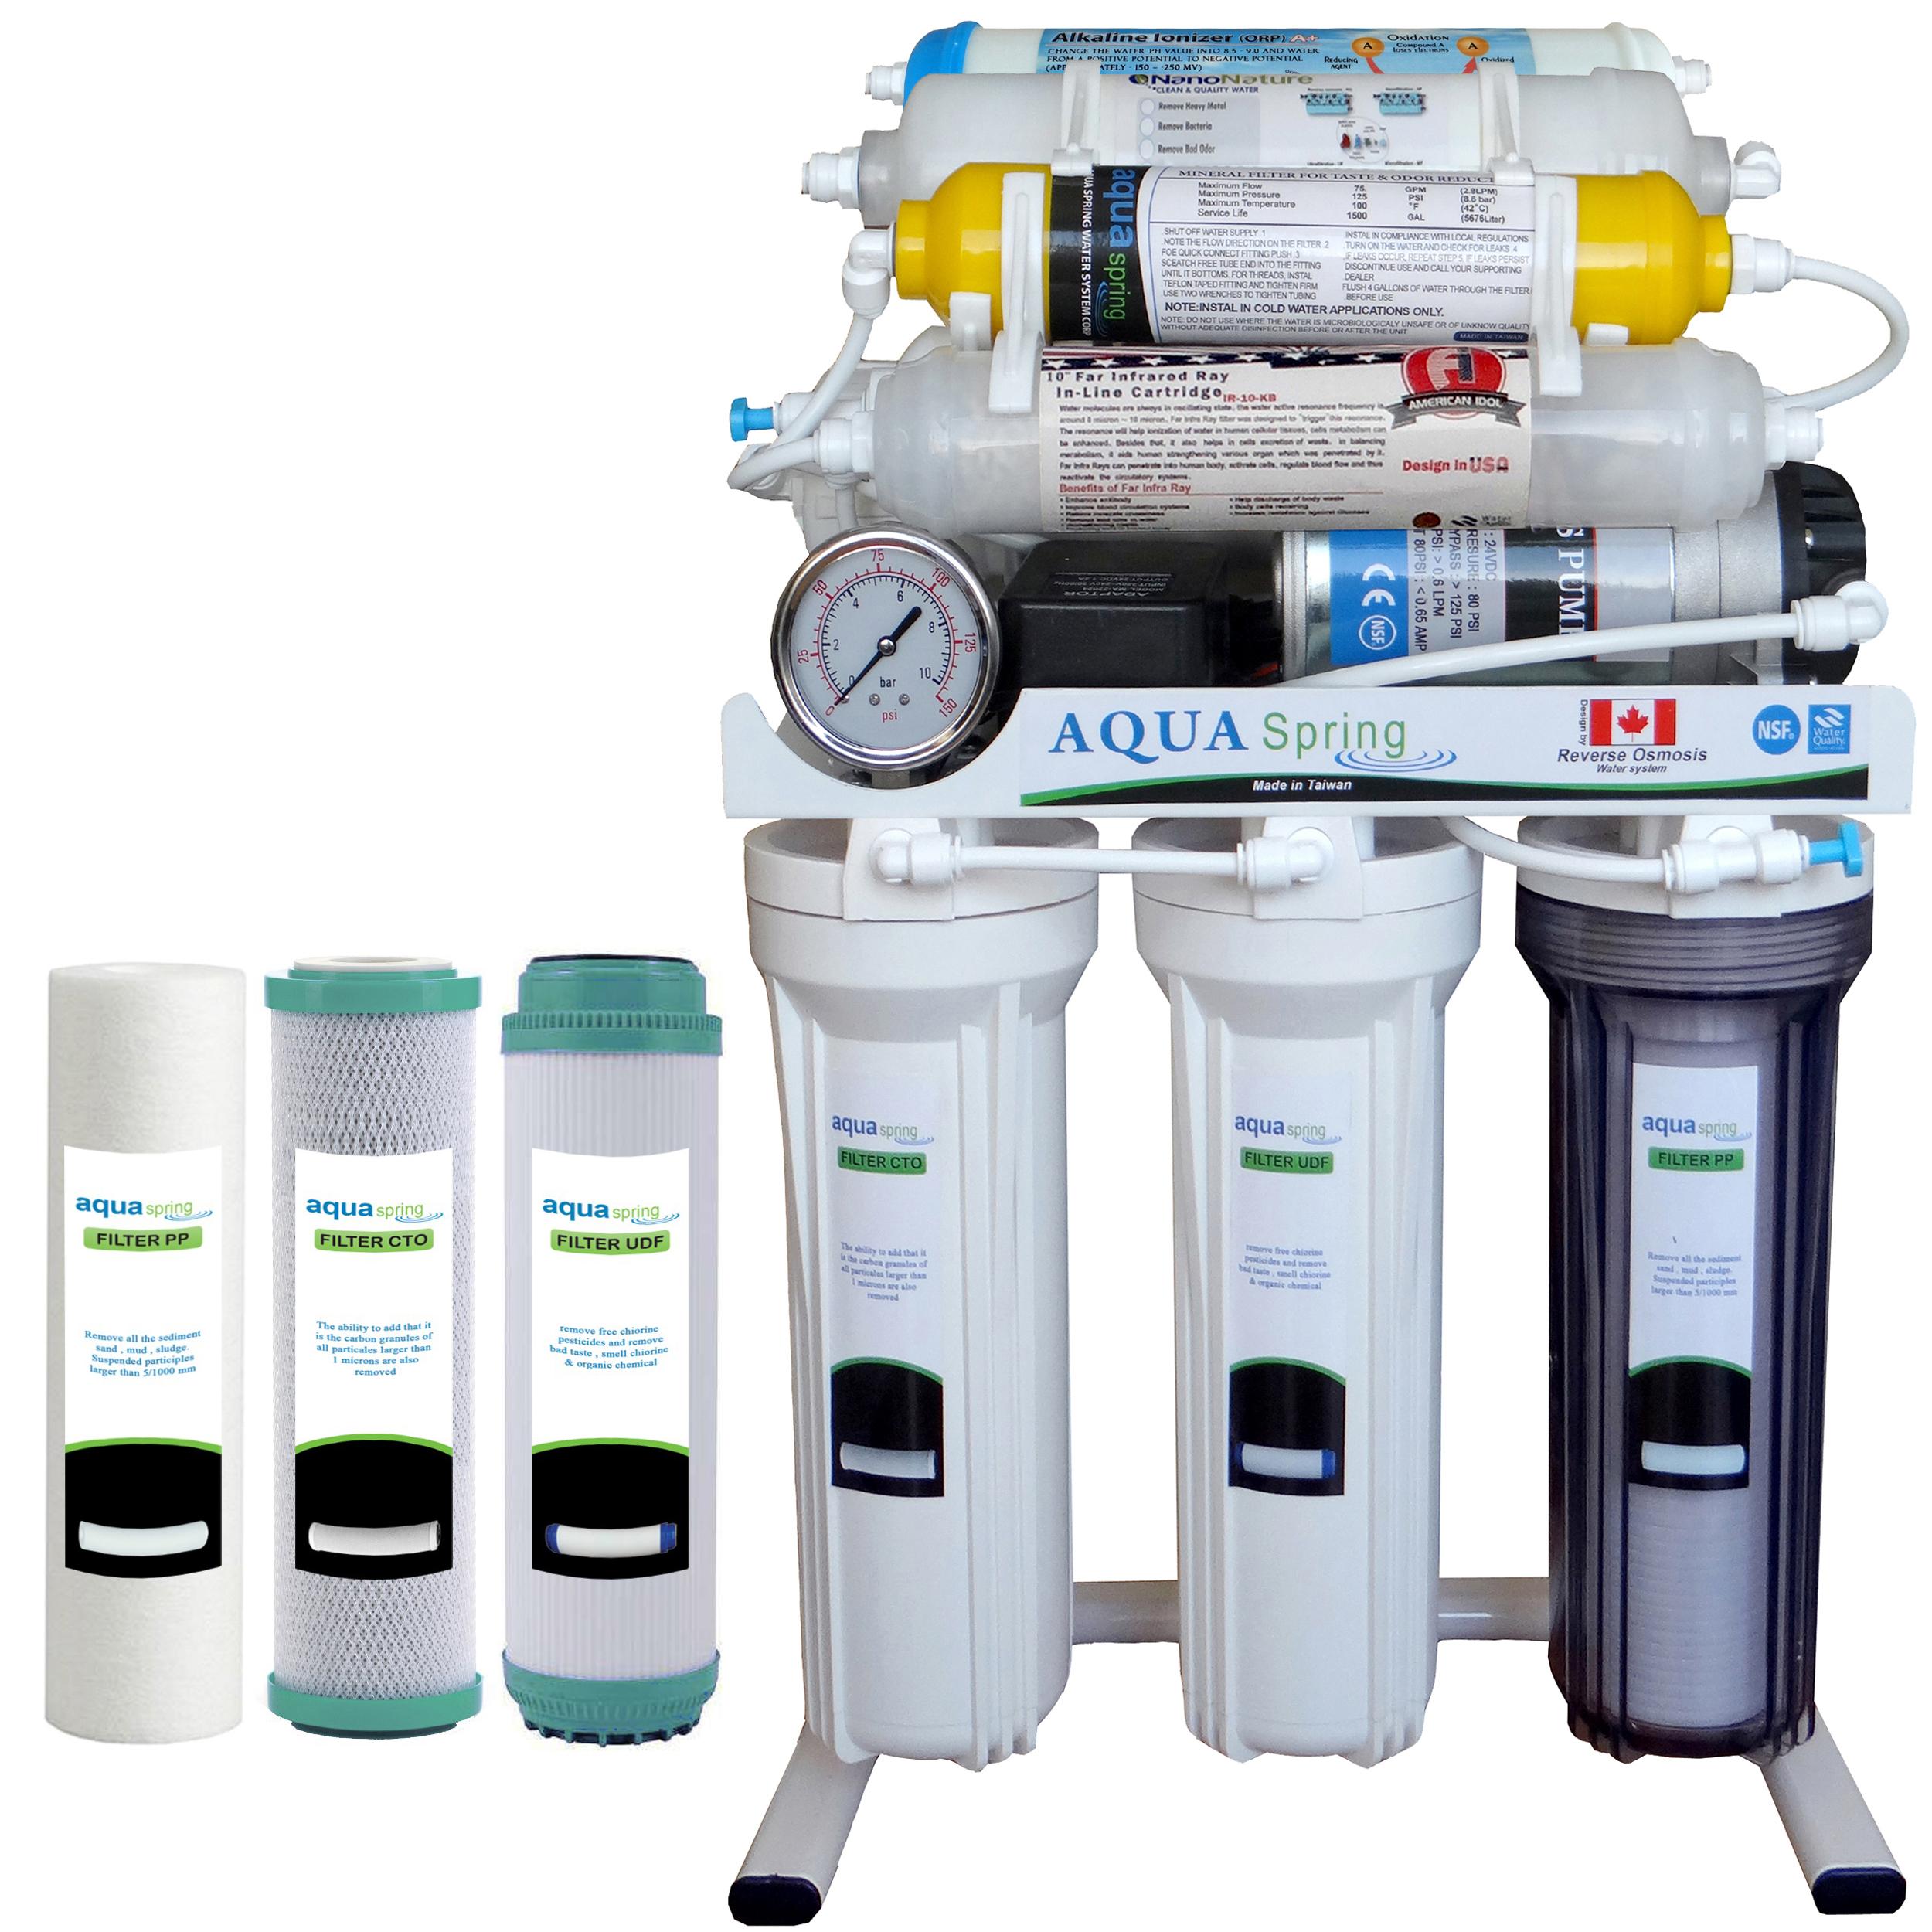 دستگاه  تصفیه کننده آب آکوآ اسپرینگ  مدل RO – NF2600 به همراه فیلتر مجموعه 3 عددی